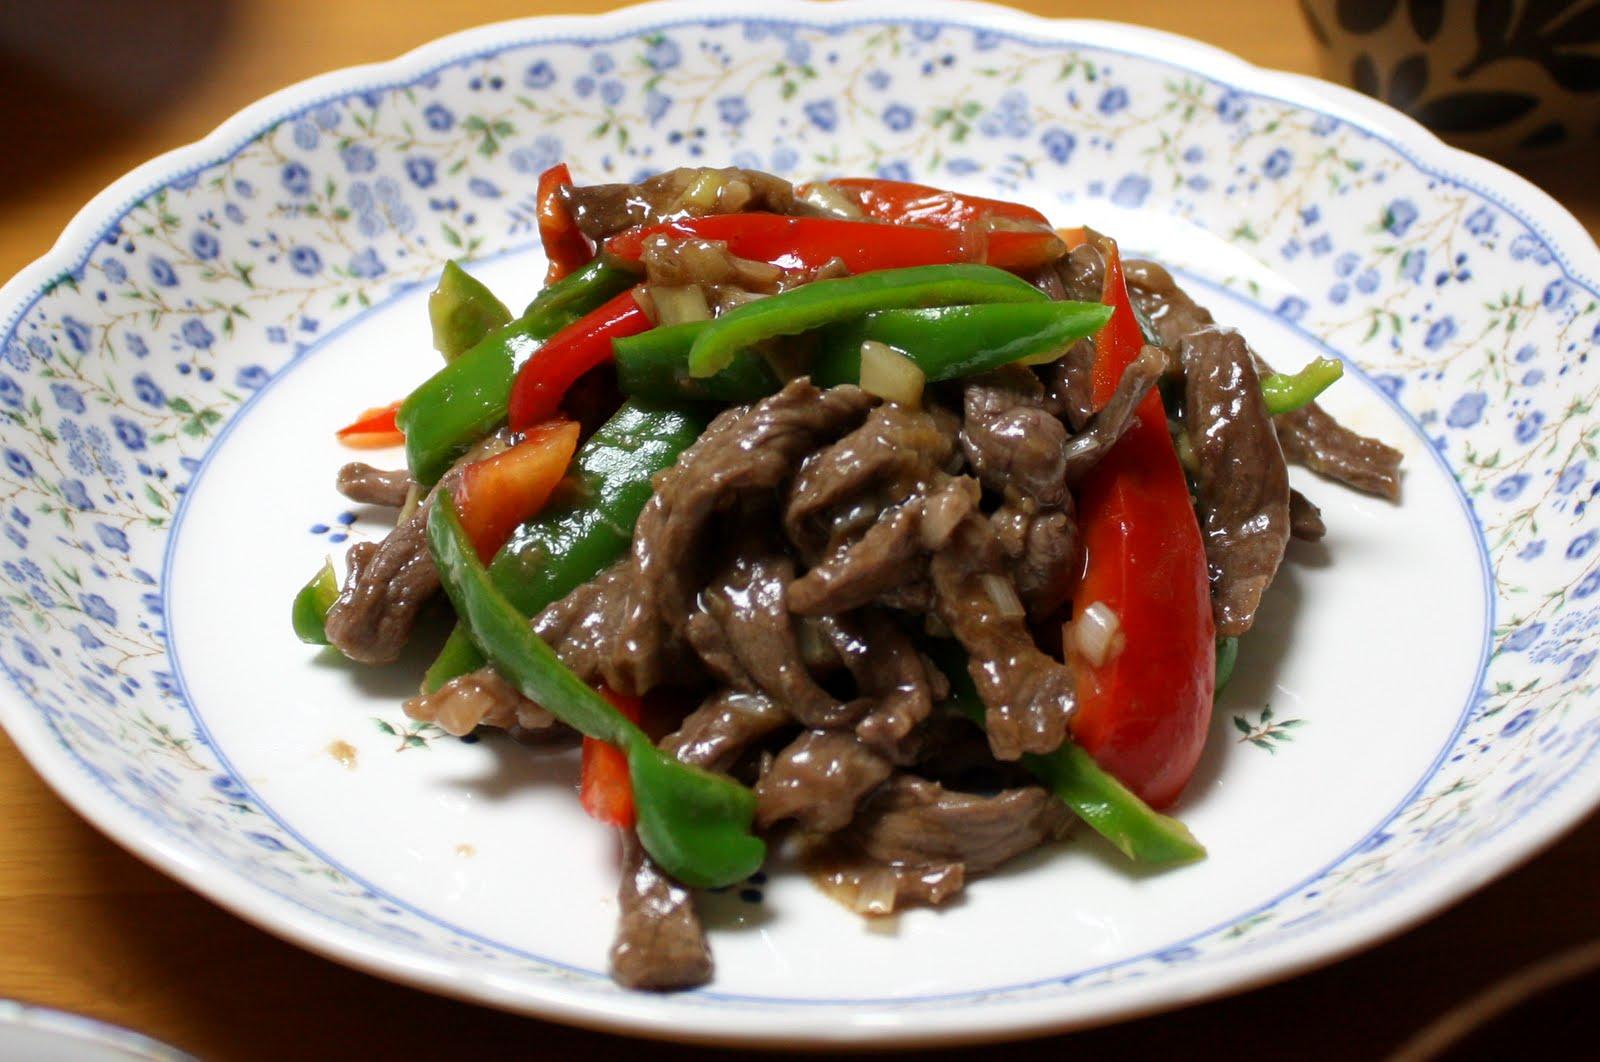 青椒肉絲の画像 p1_38